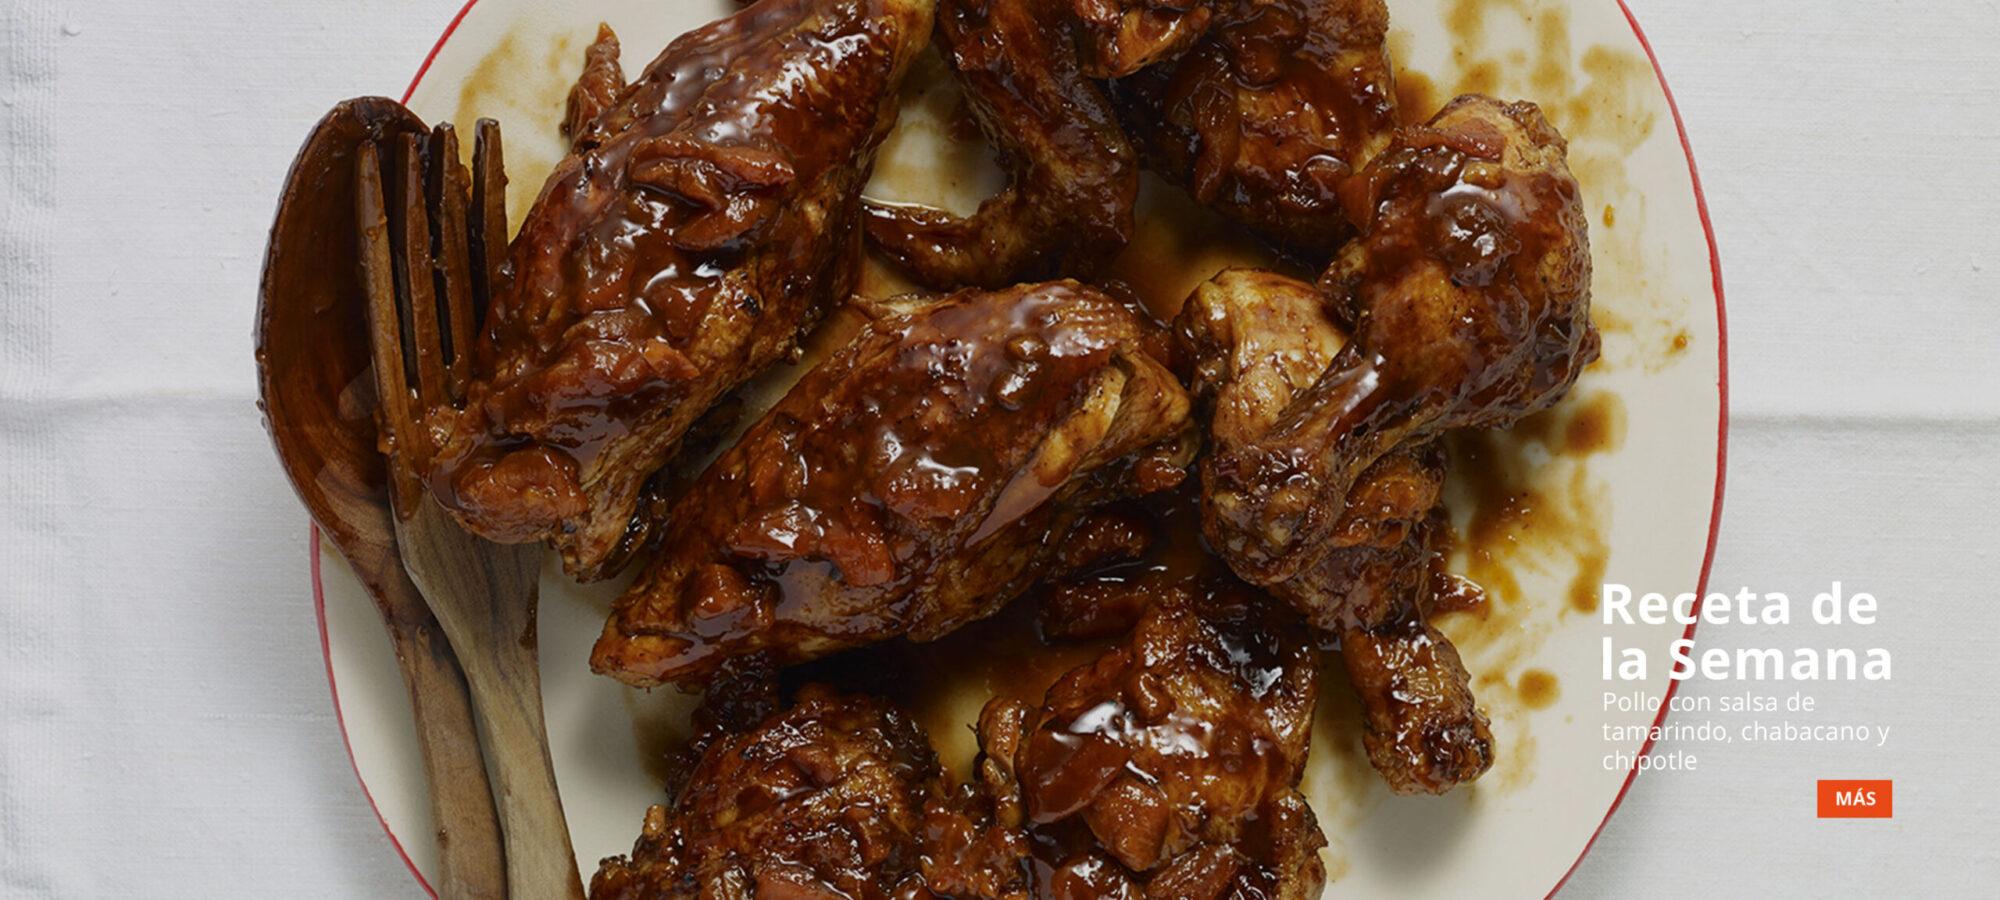 receta de semana pollo con salsa de tamarindo, chabacano y chipotle